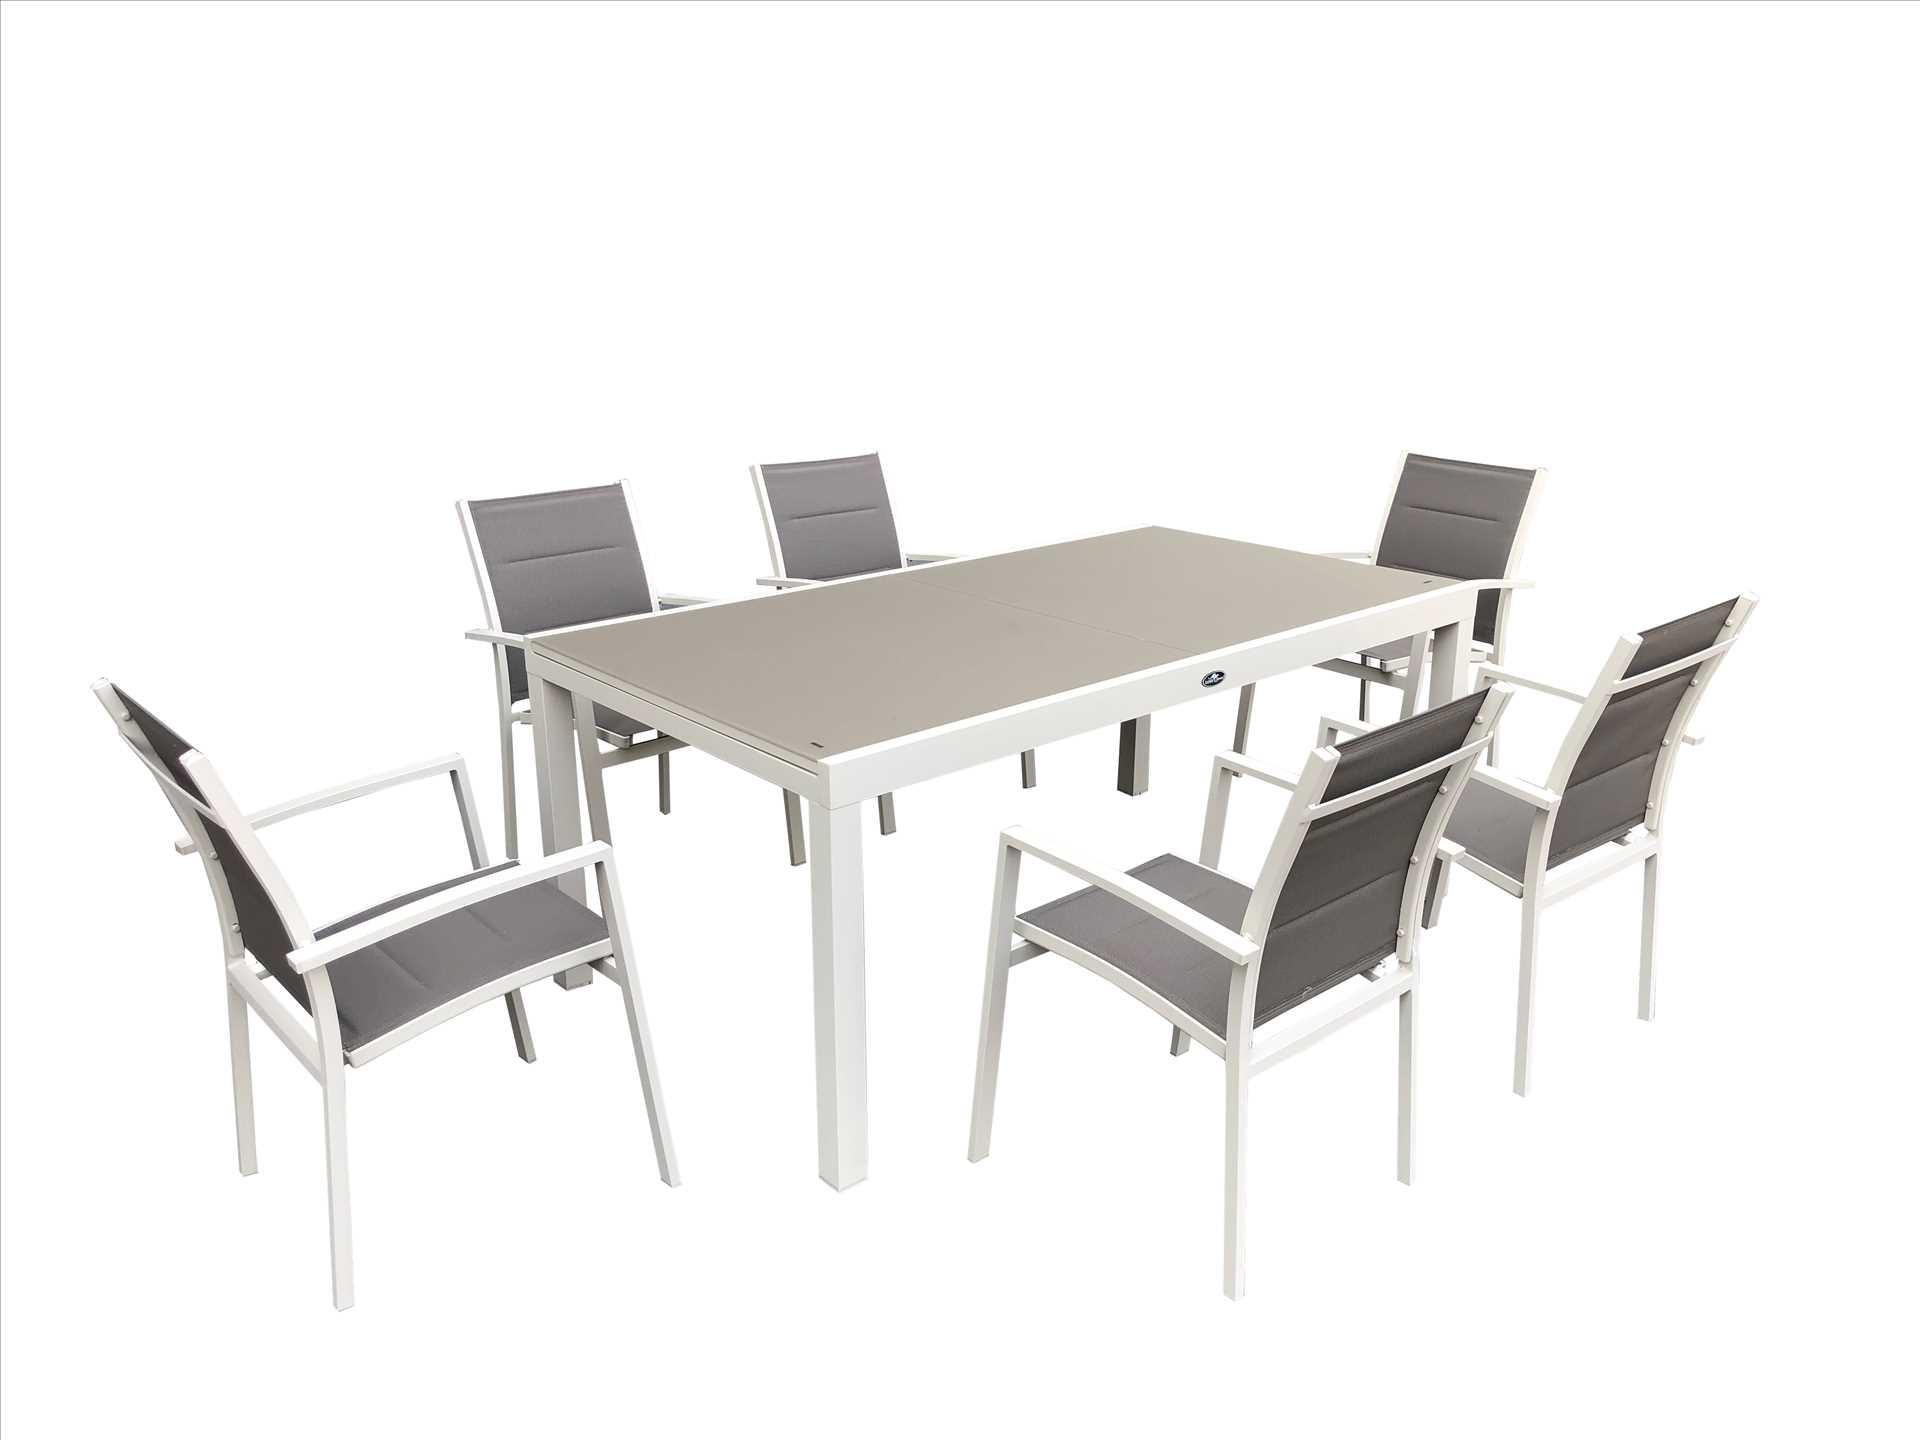 פינת אוכל מפוארת עם 6 כסאות דגם Miami תוצרת Australia Garden - תמונה 1